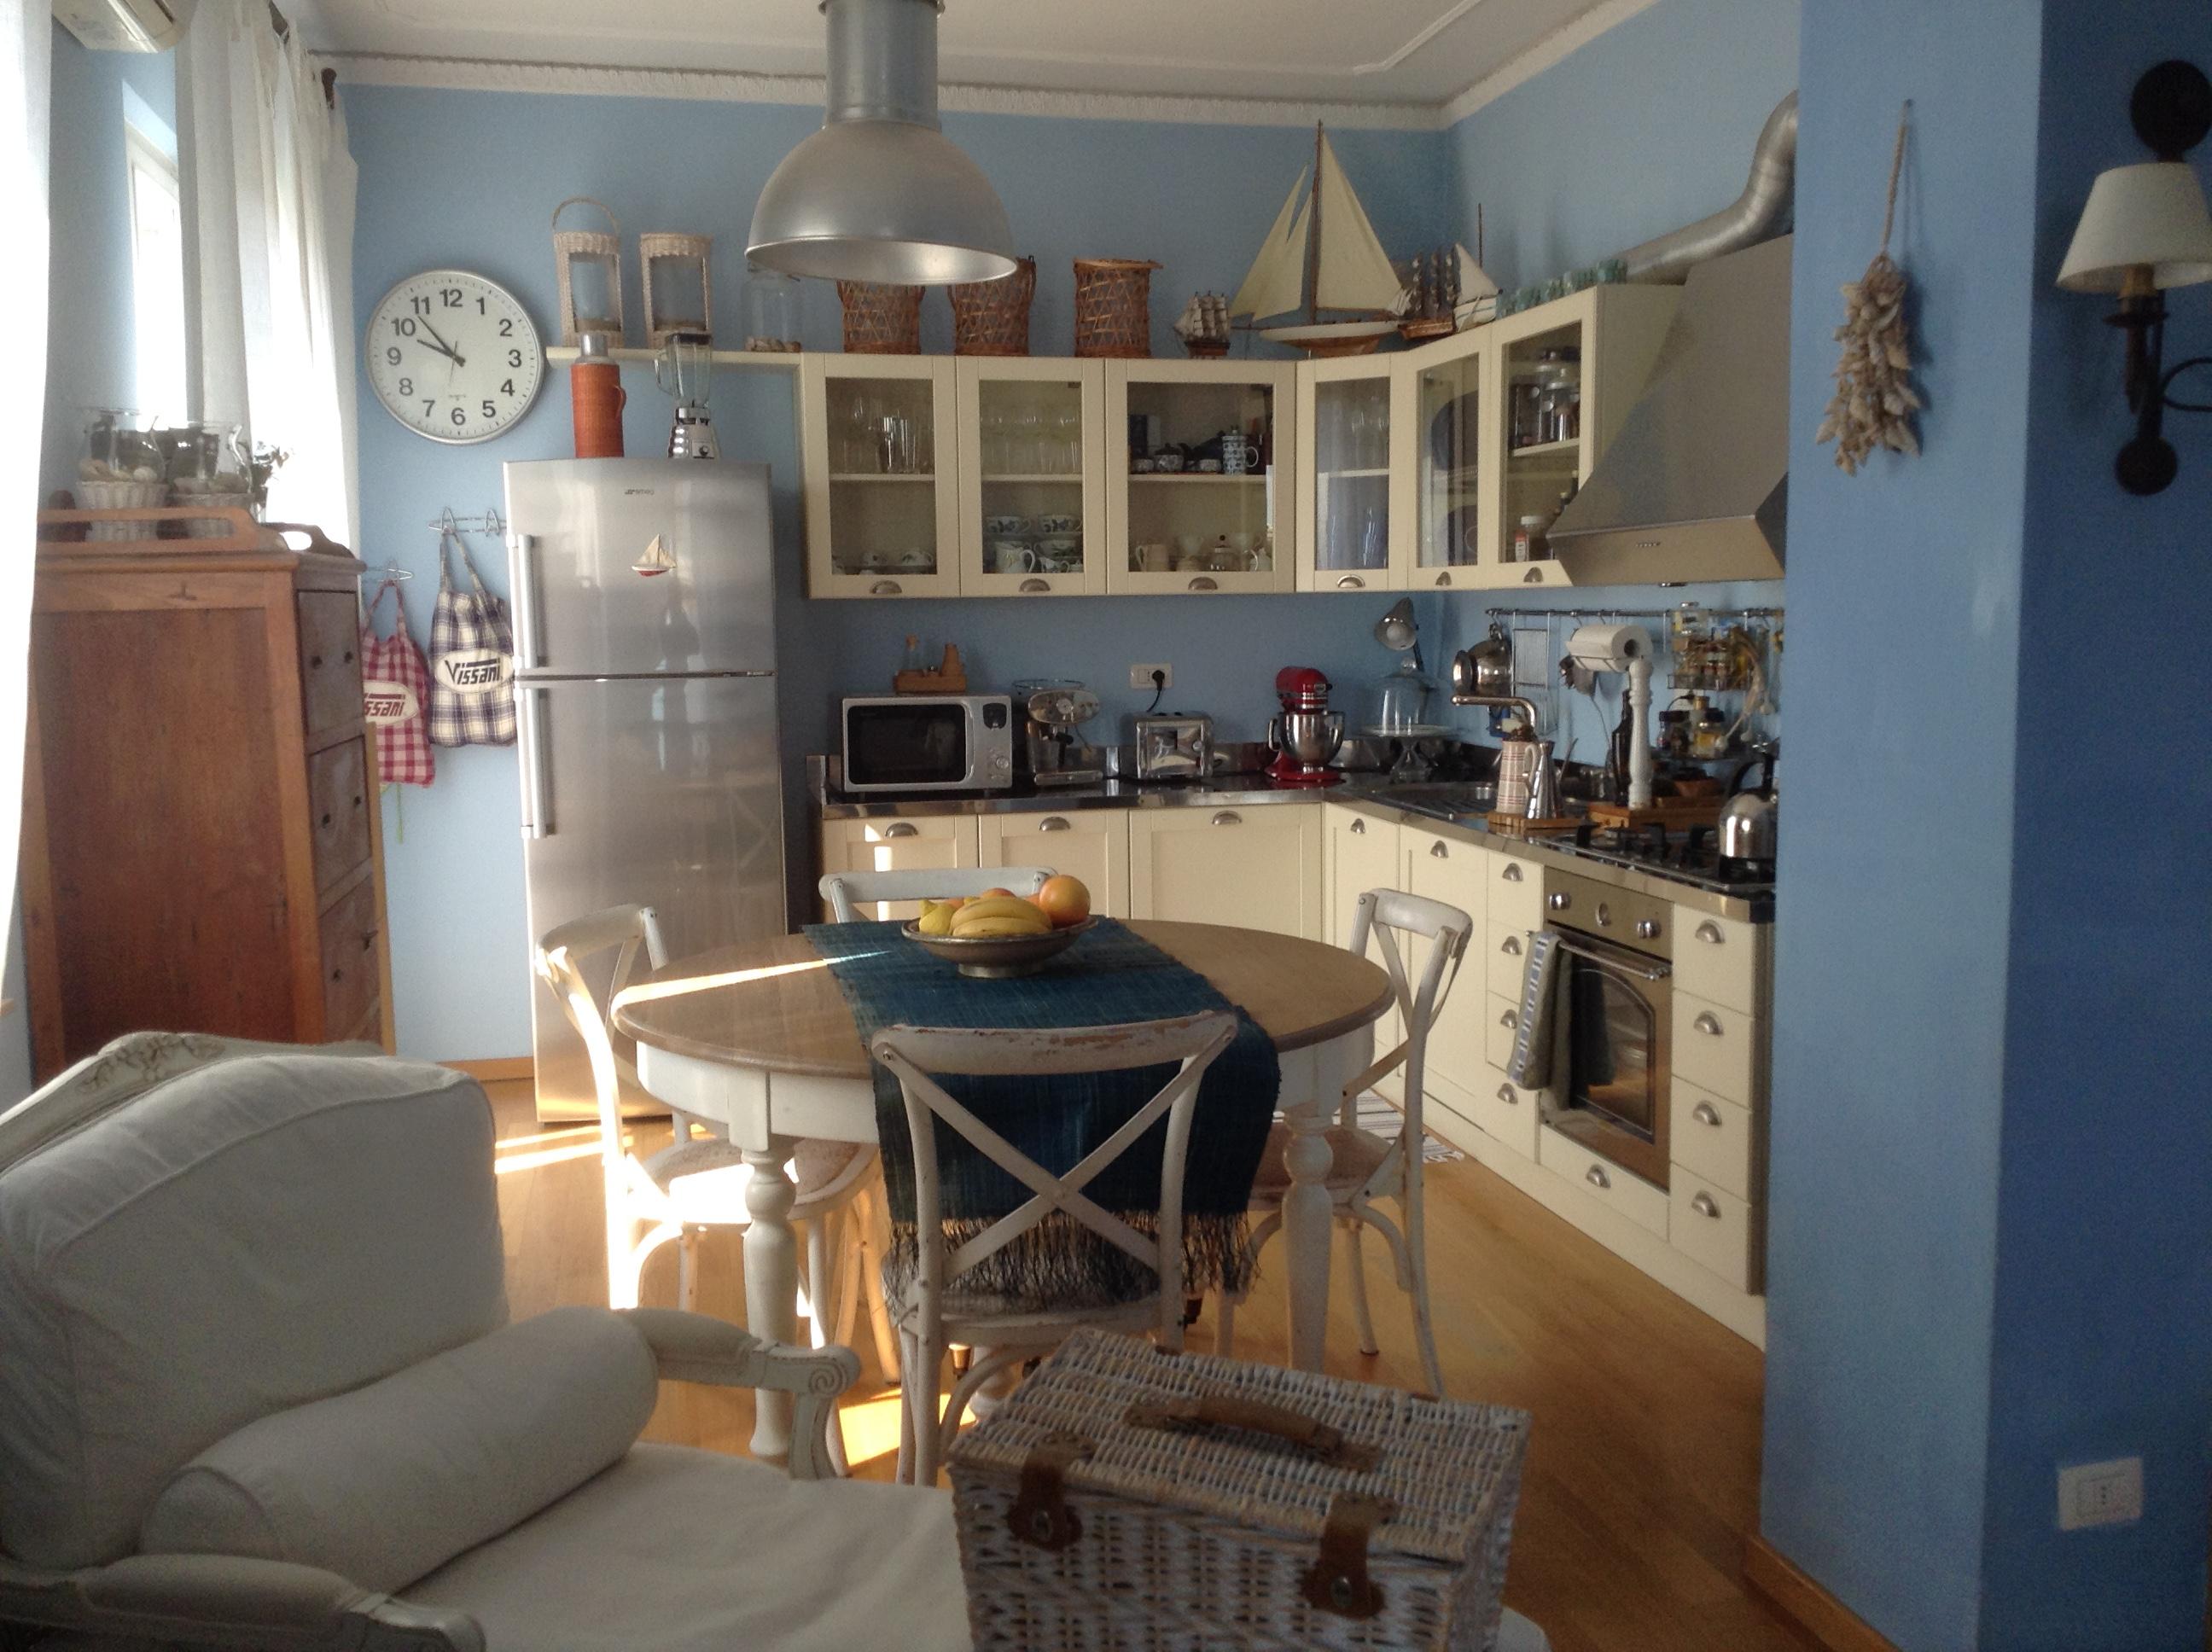 La Cucina è Il Cuore Pulsante Di Questa Abitazione Dove La Tavola E  #324359 2592 1936 Arredare Cucina Al Mare